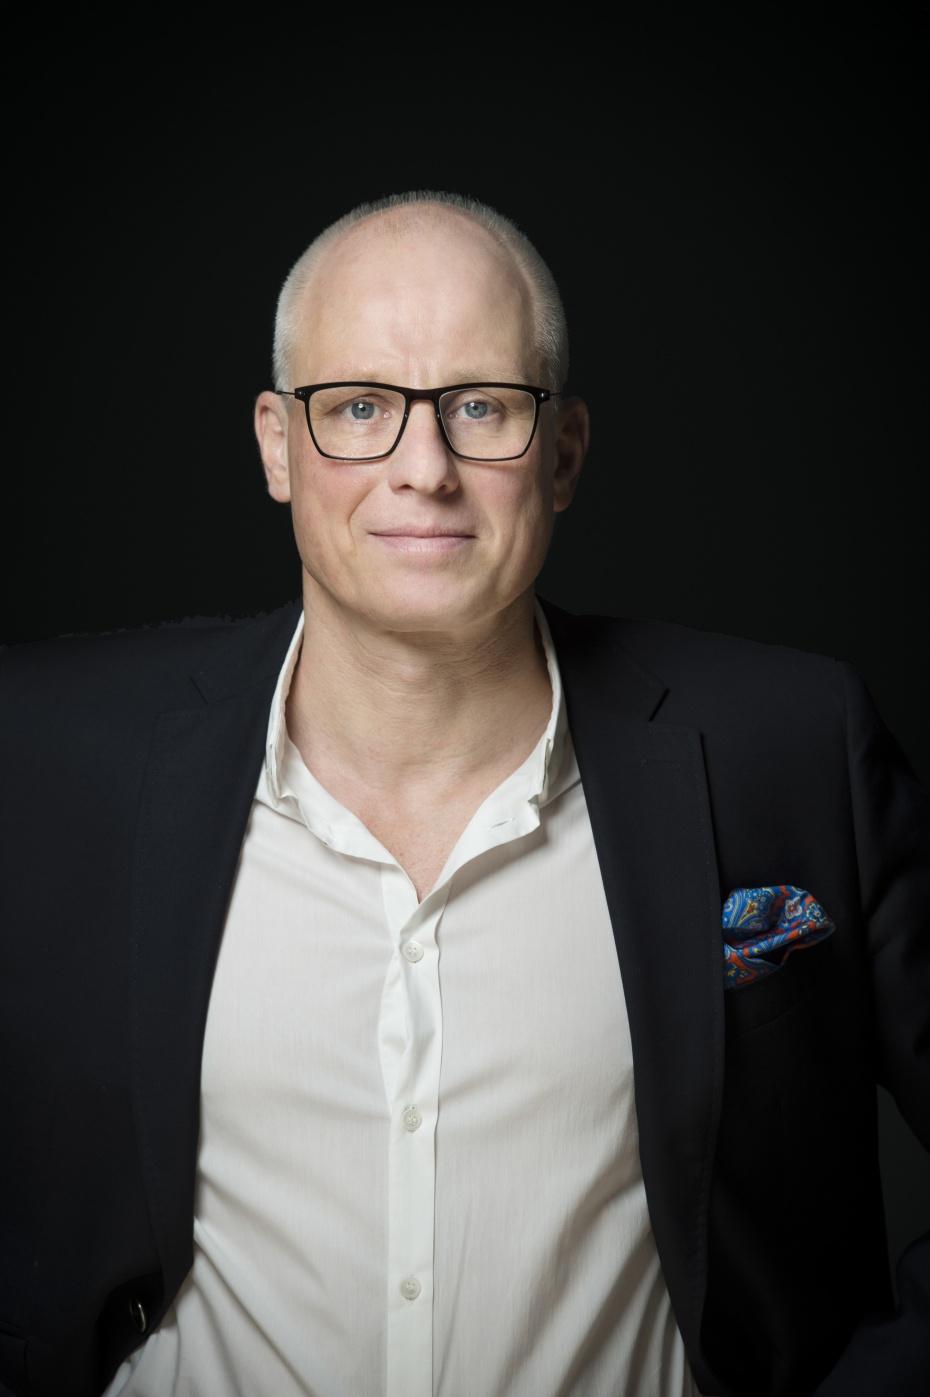 Volker Wieprecht, Radio- und Fernsehmoderator